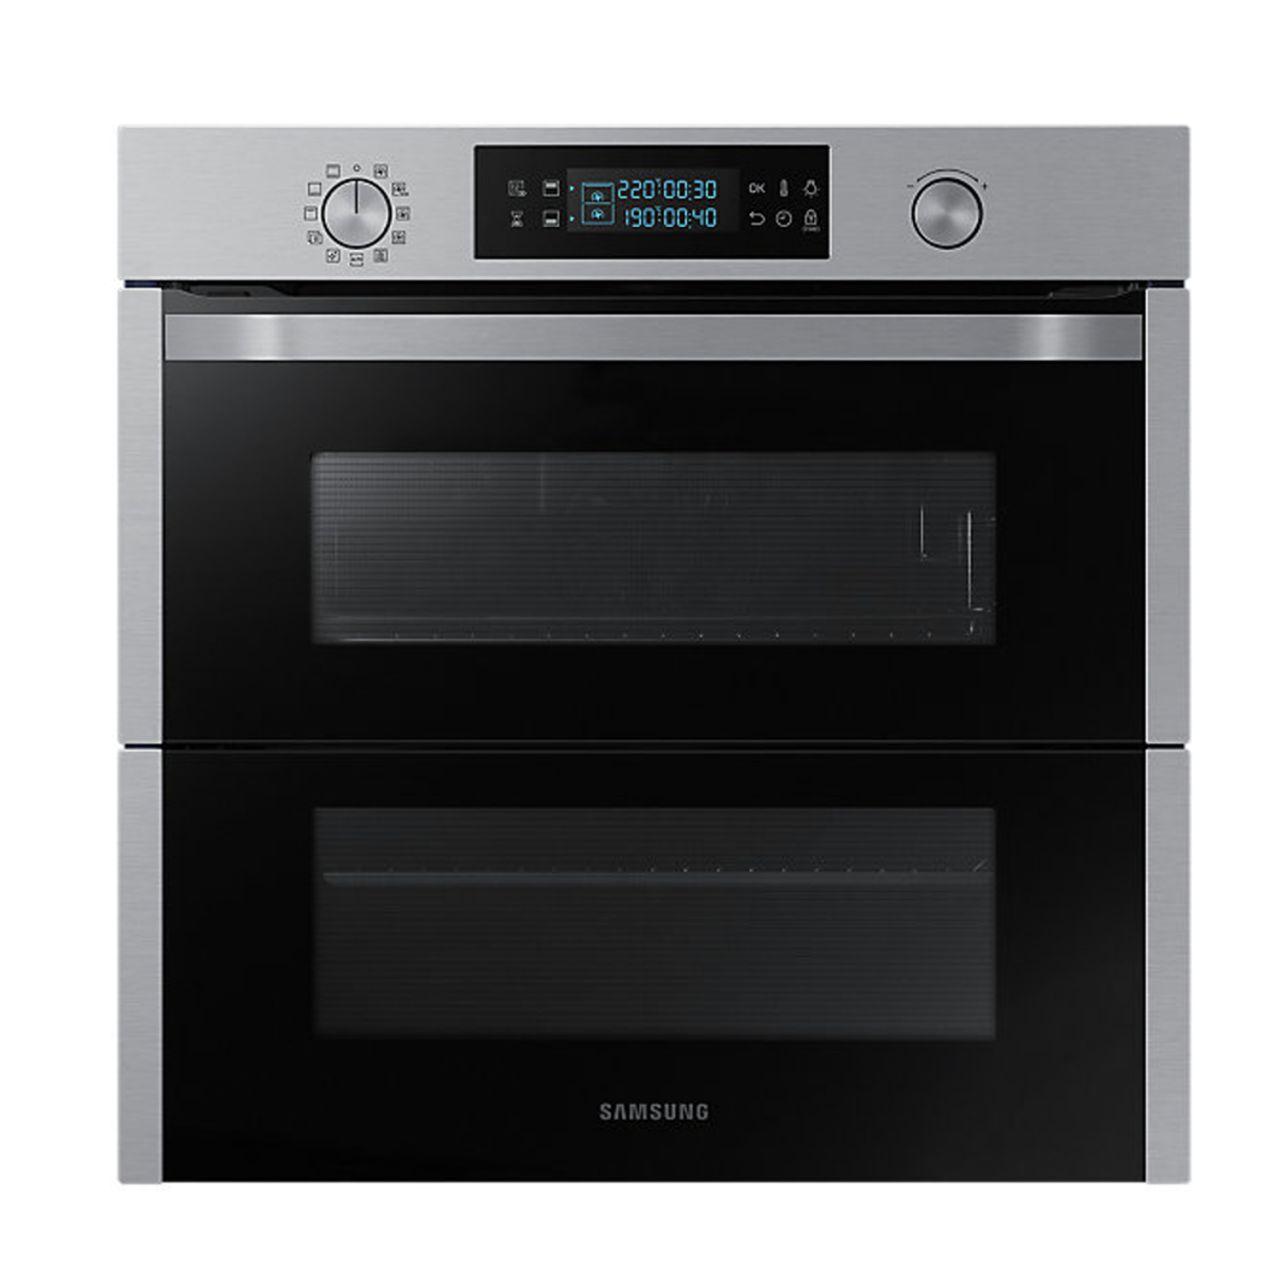 Samsung NV75N5641RS Dual Cook Einbaubackofen, 75 Liter